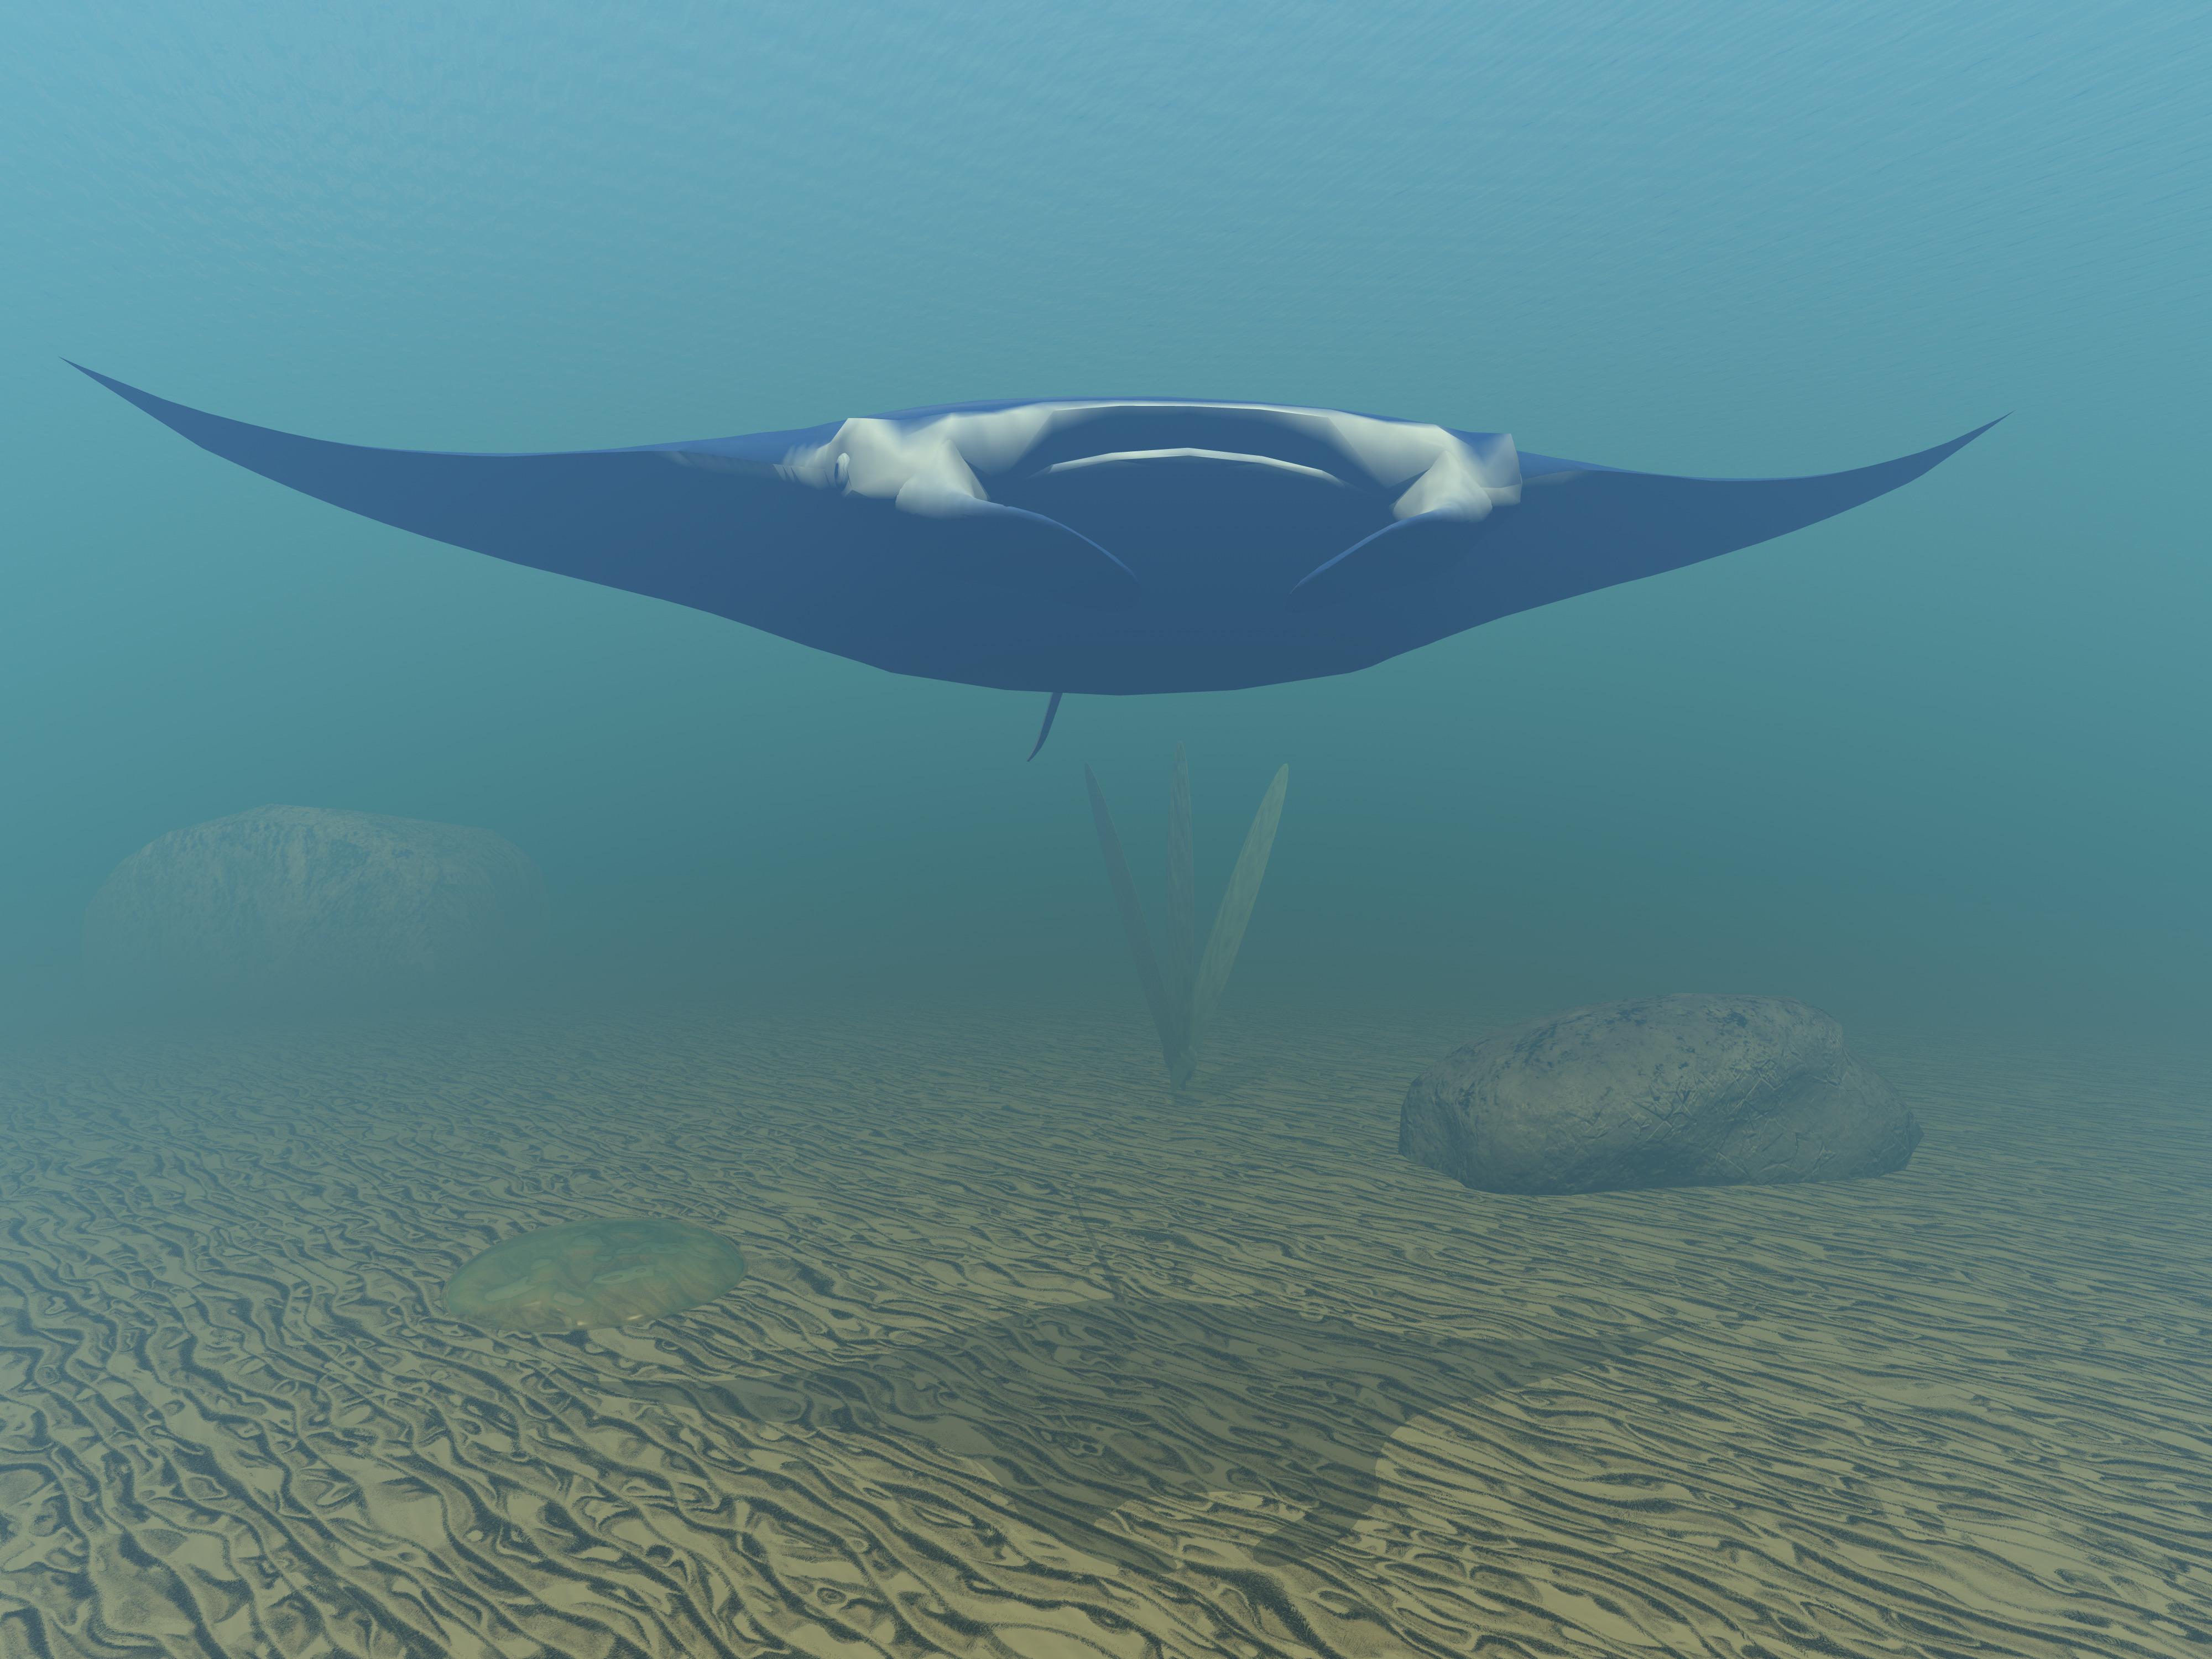 underwater_zkKXxIqd.jpg